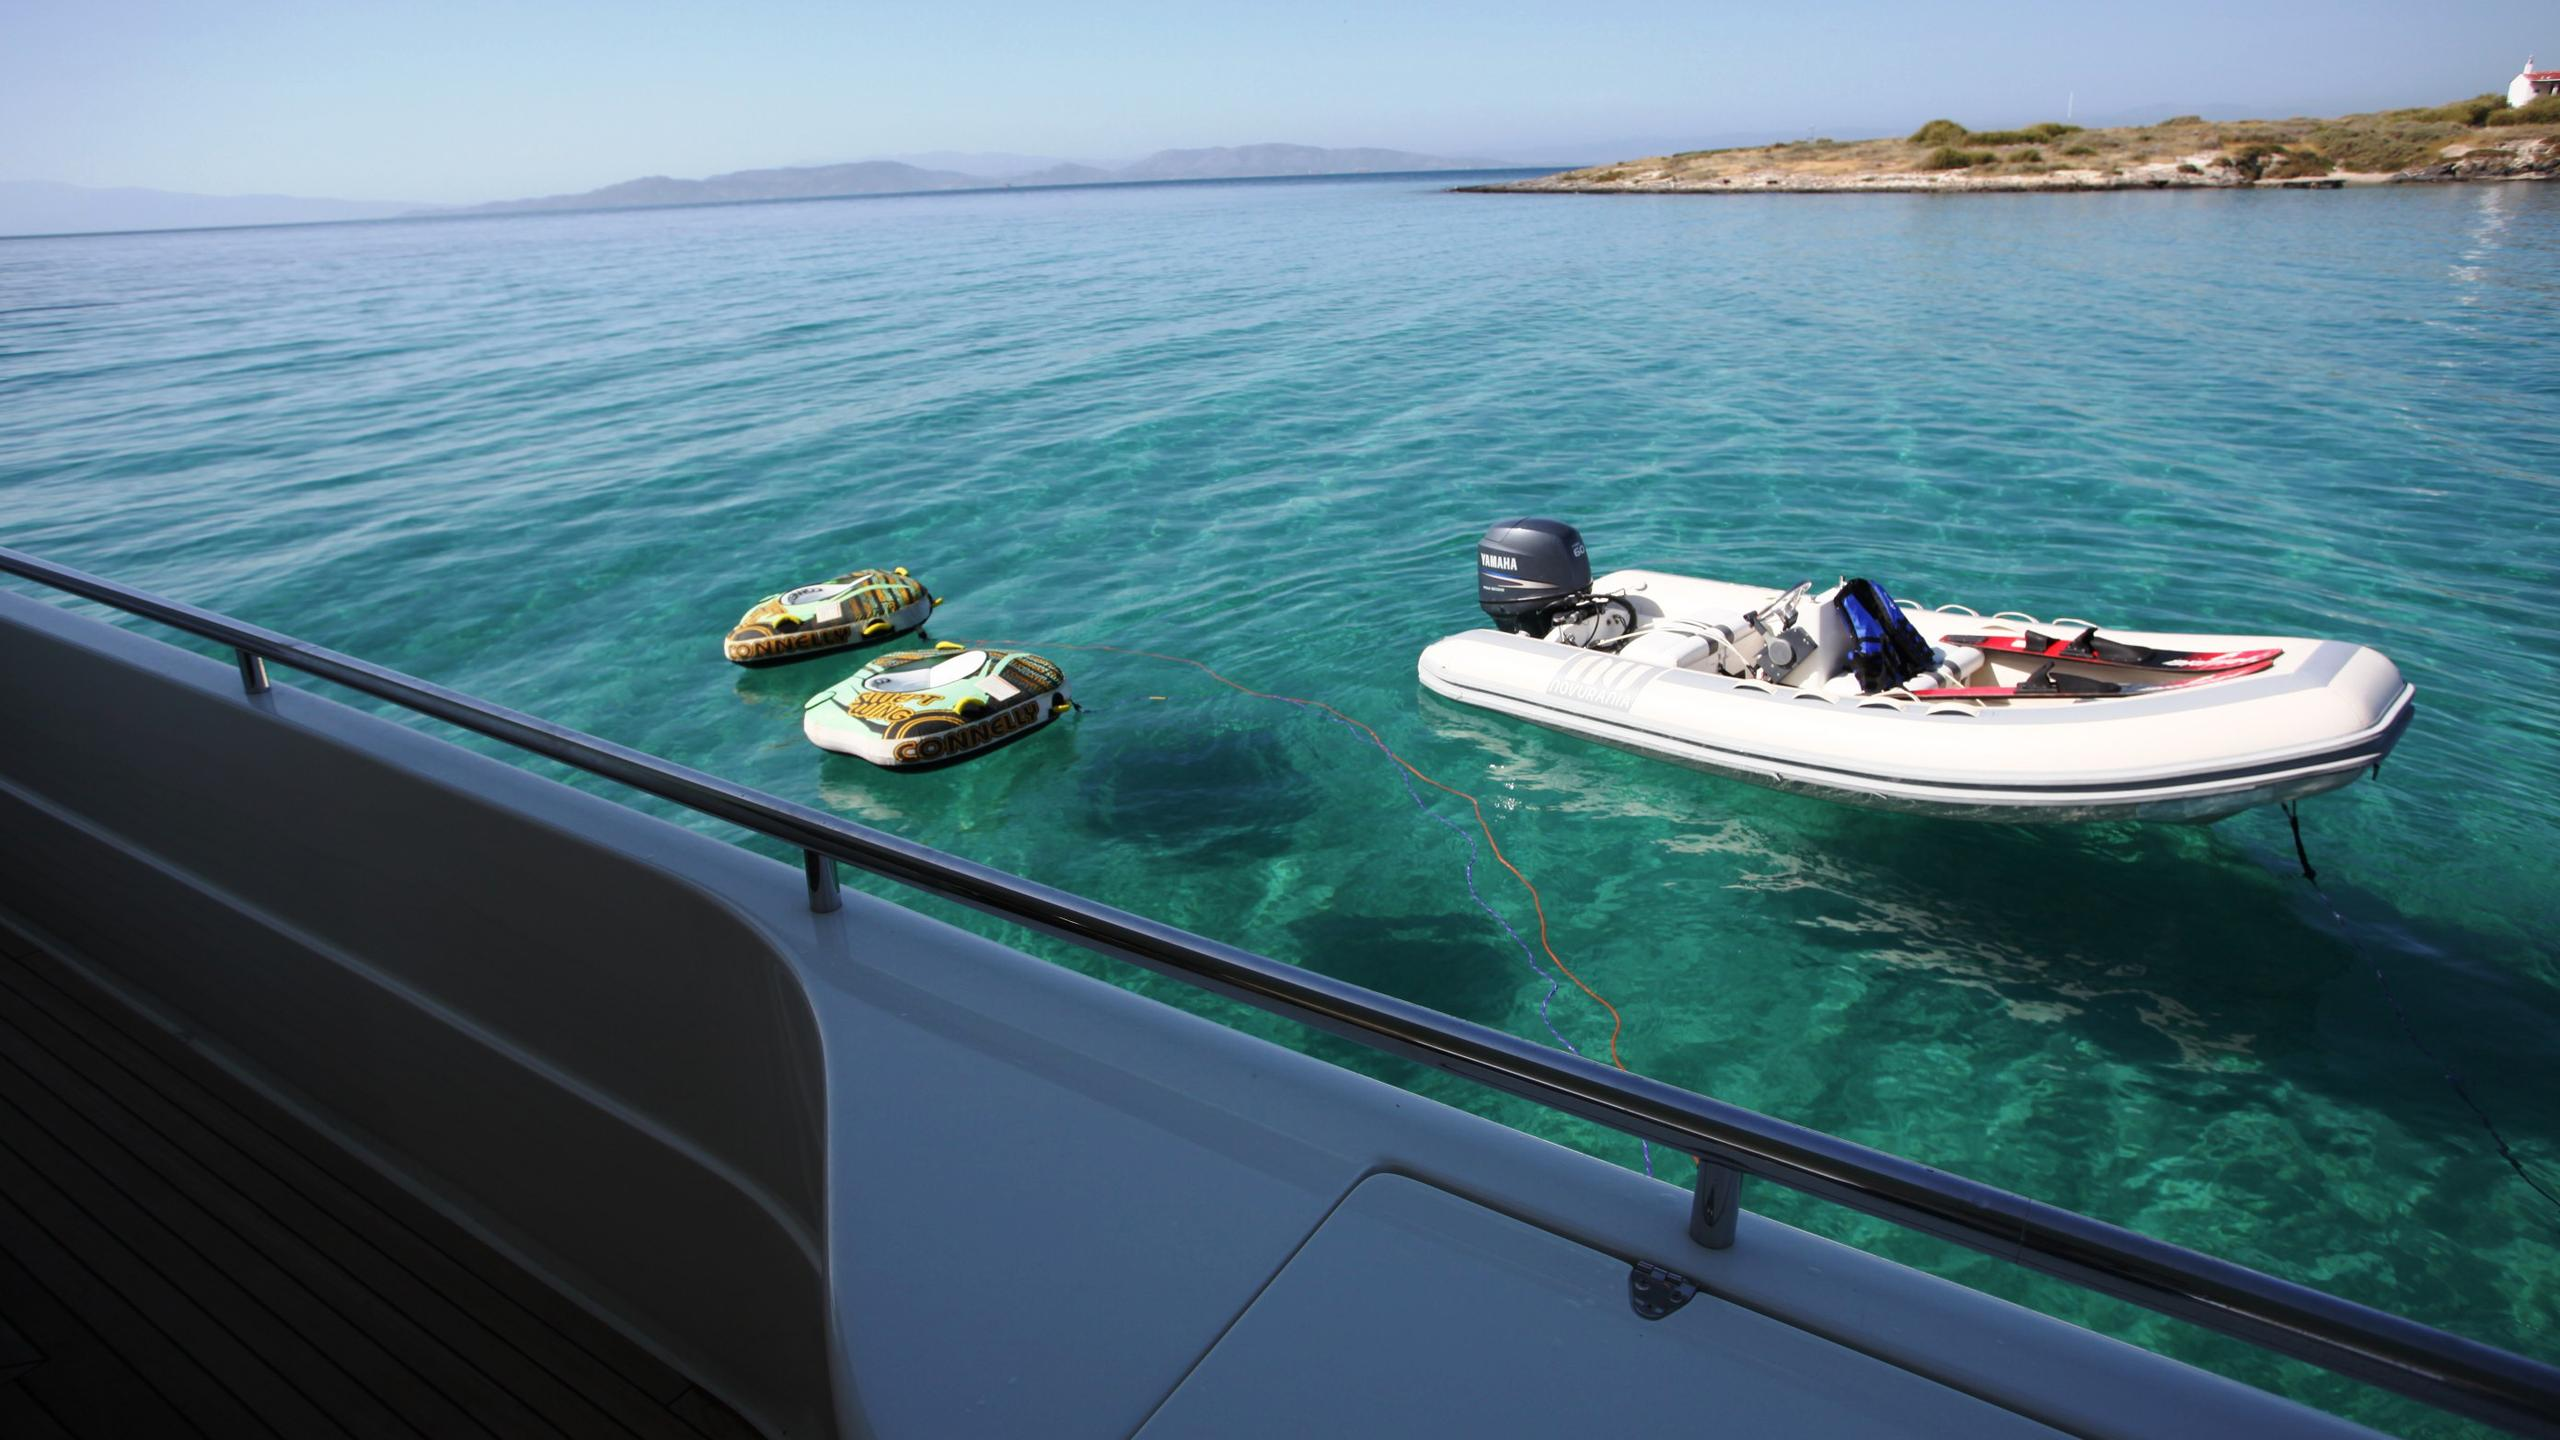 kentavros-ii-yacht-tender